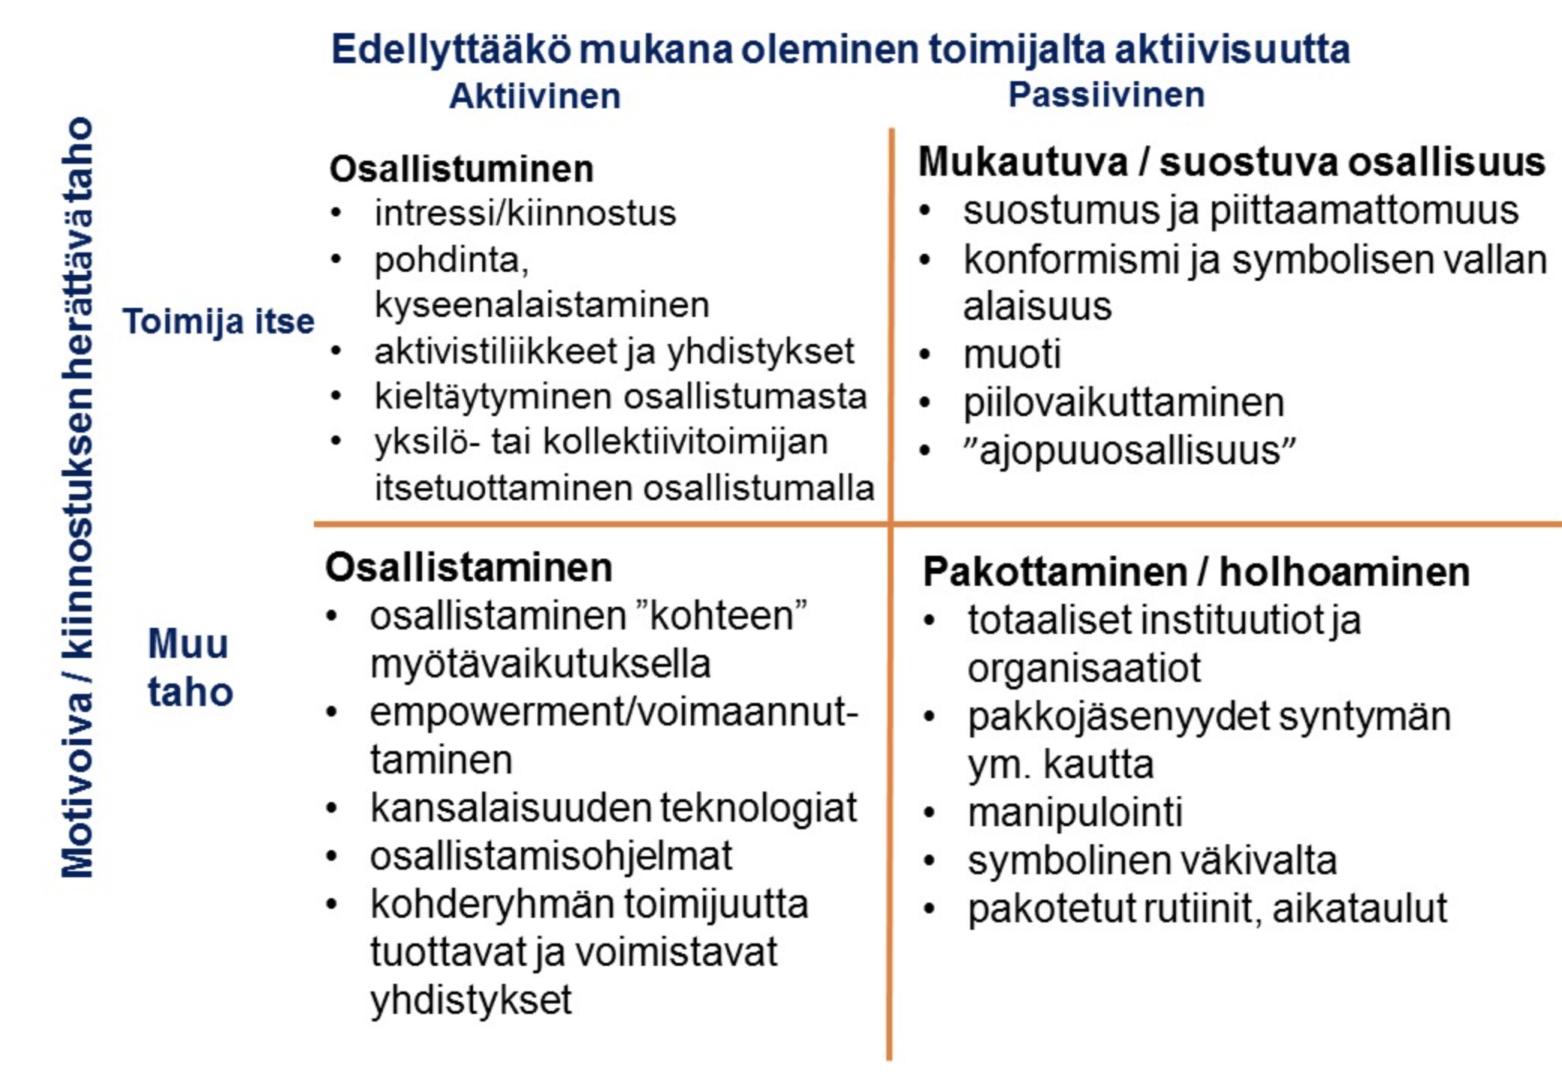 Osallisuuden eri tyypit: Osallistaminen, mukautuva/suostuva osallisuus, pakottaminen/holhoaminen.